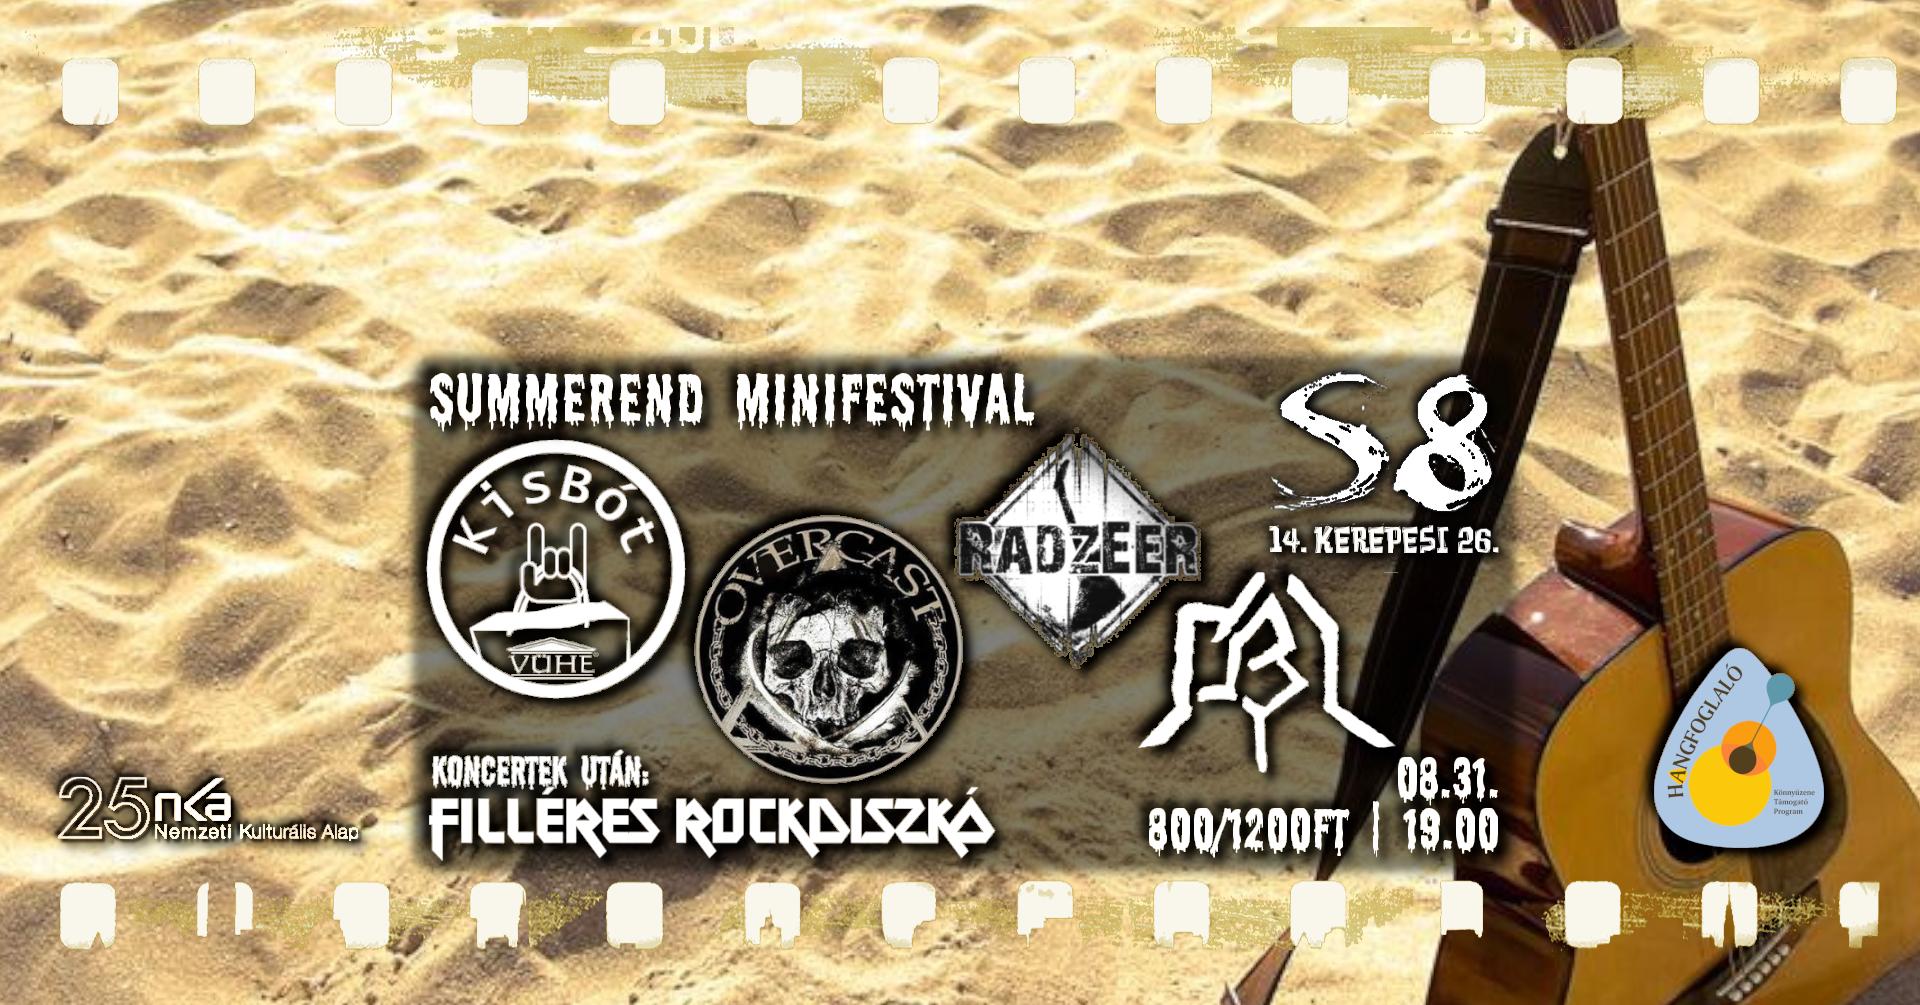 SummerEnd Minifestival - Kisbót I OBI I Radzeer I Overcast